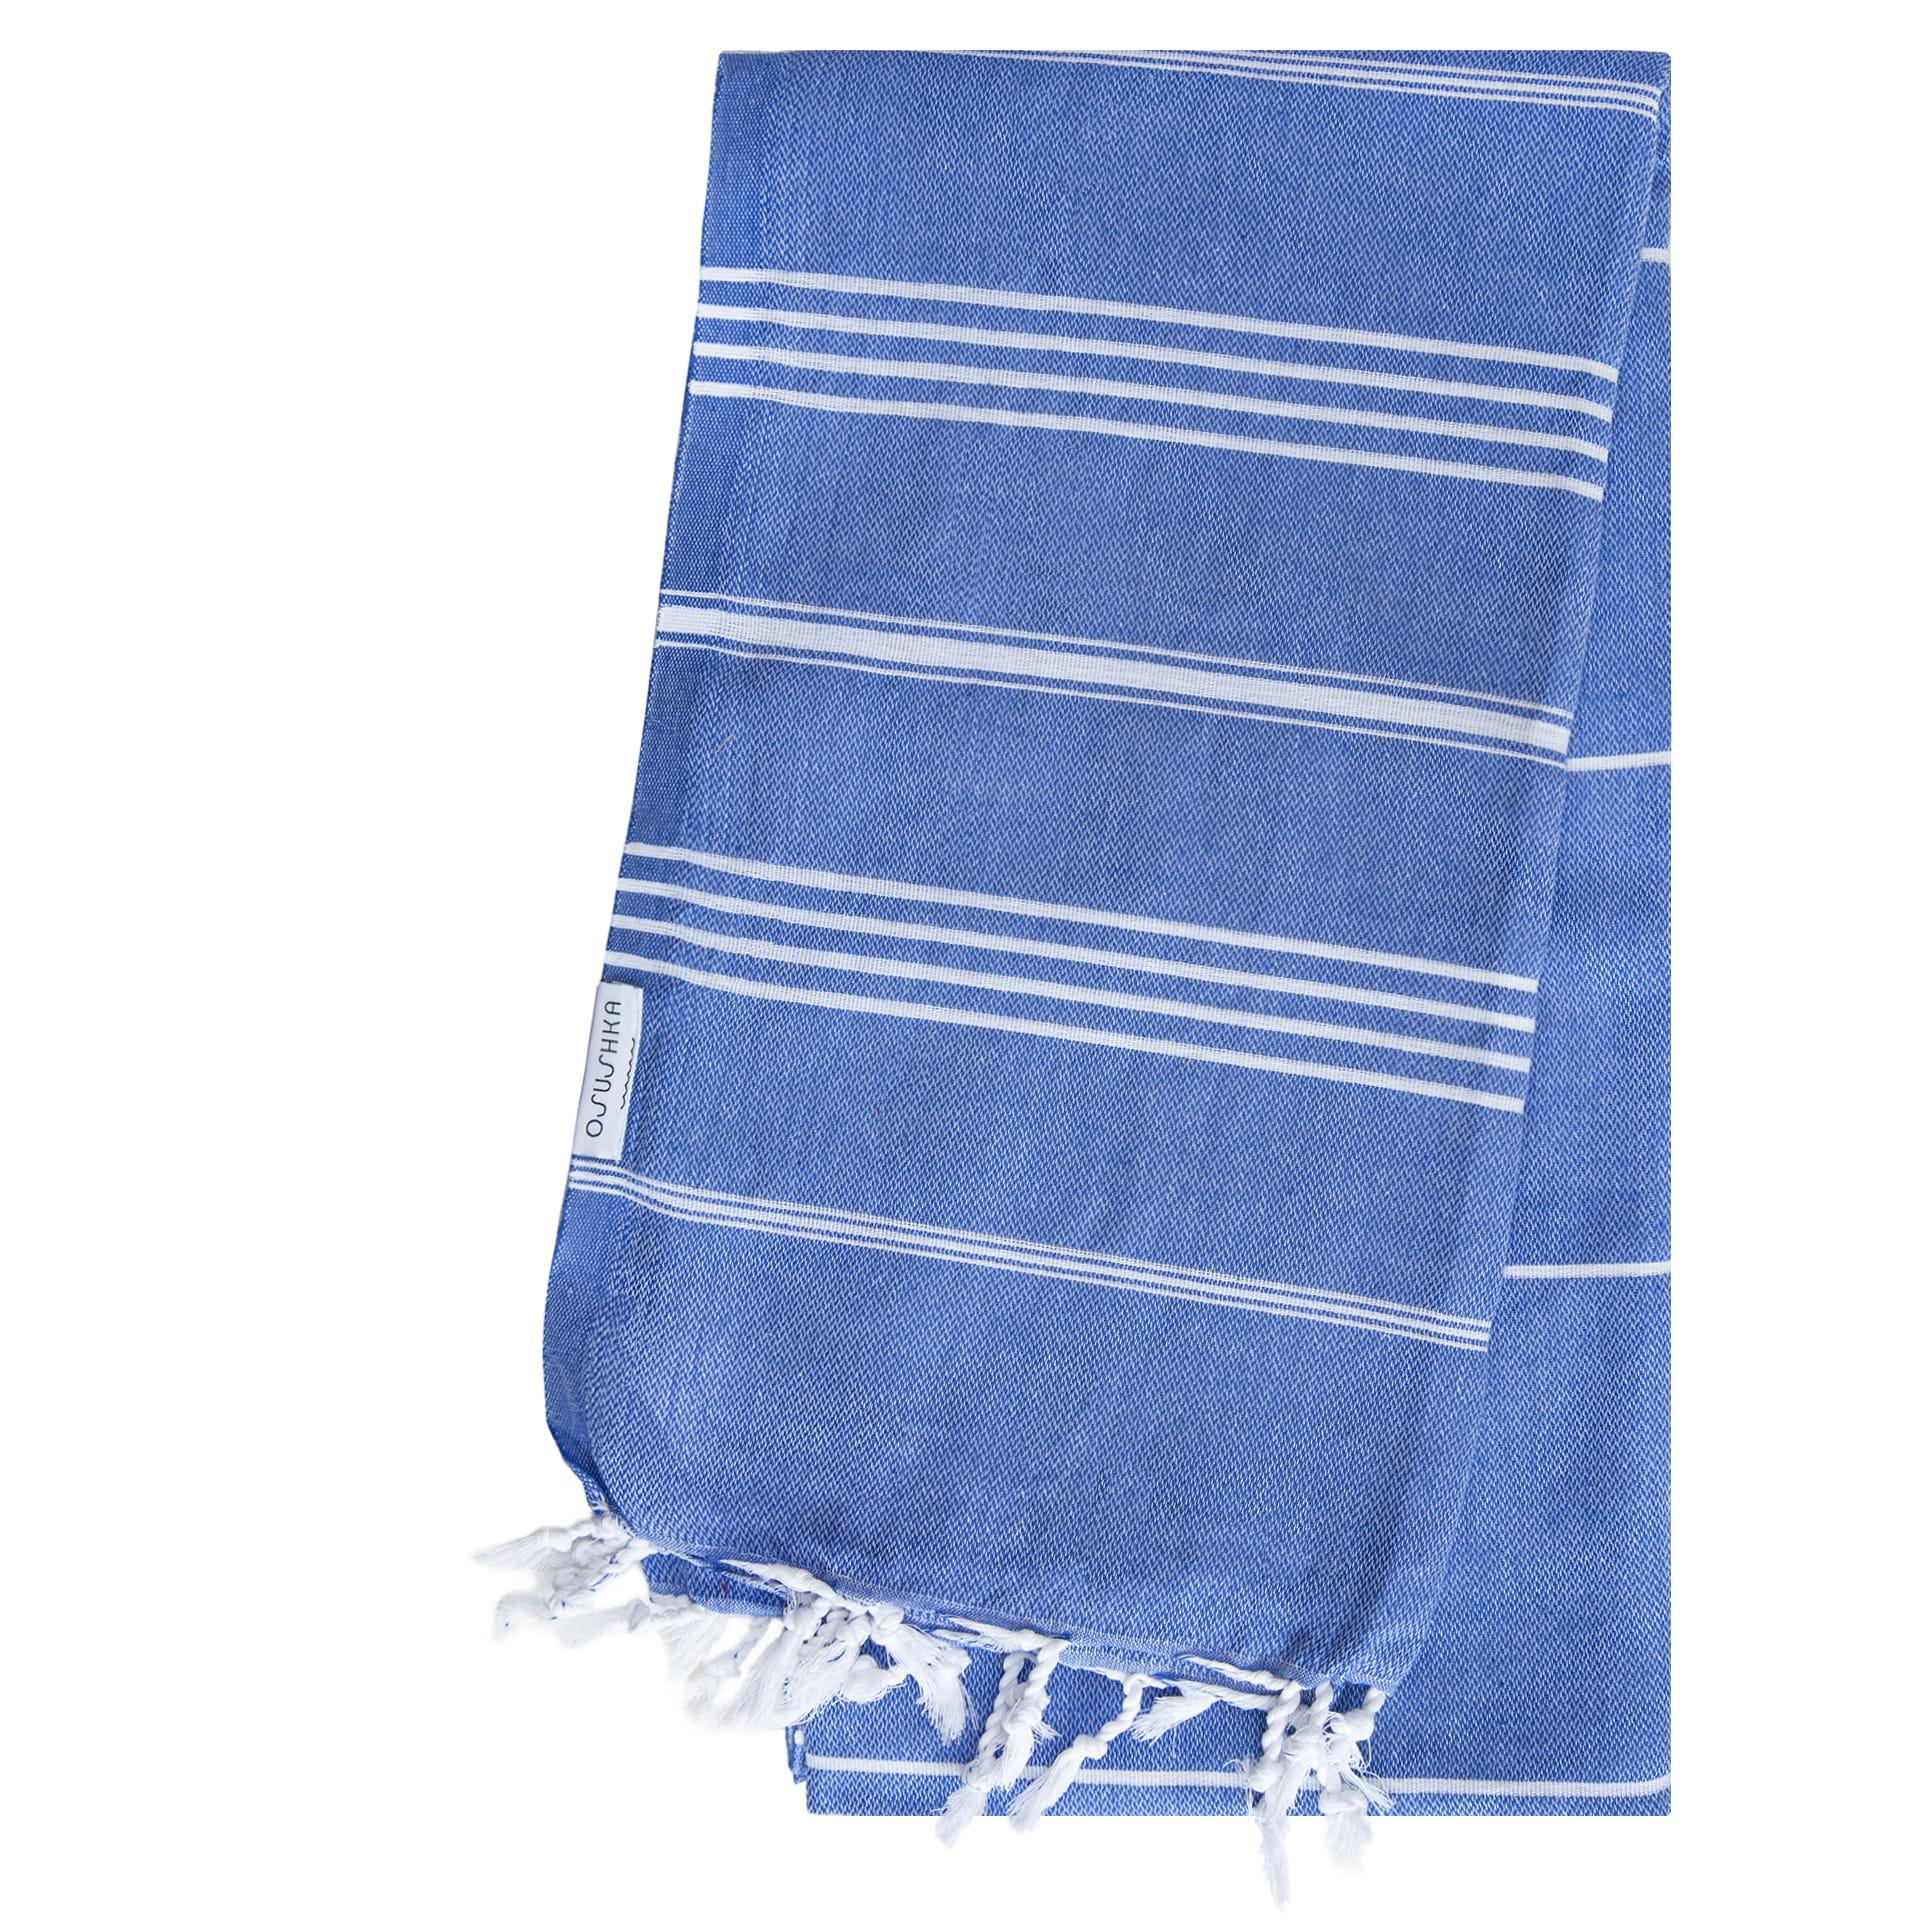 Osushka Wielofunkcyjny ręcznik turecki 100% bawełna Muhu